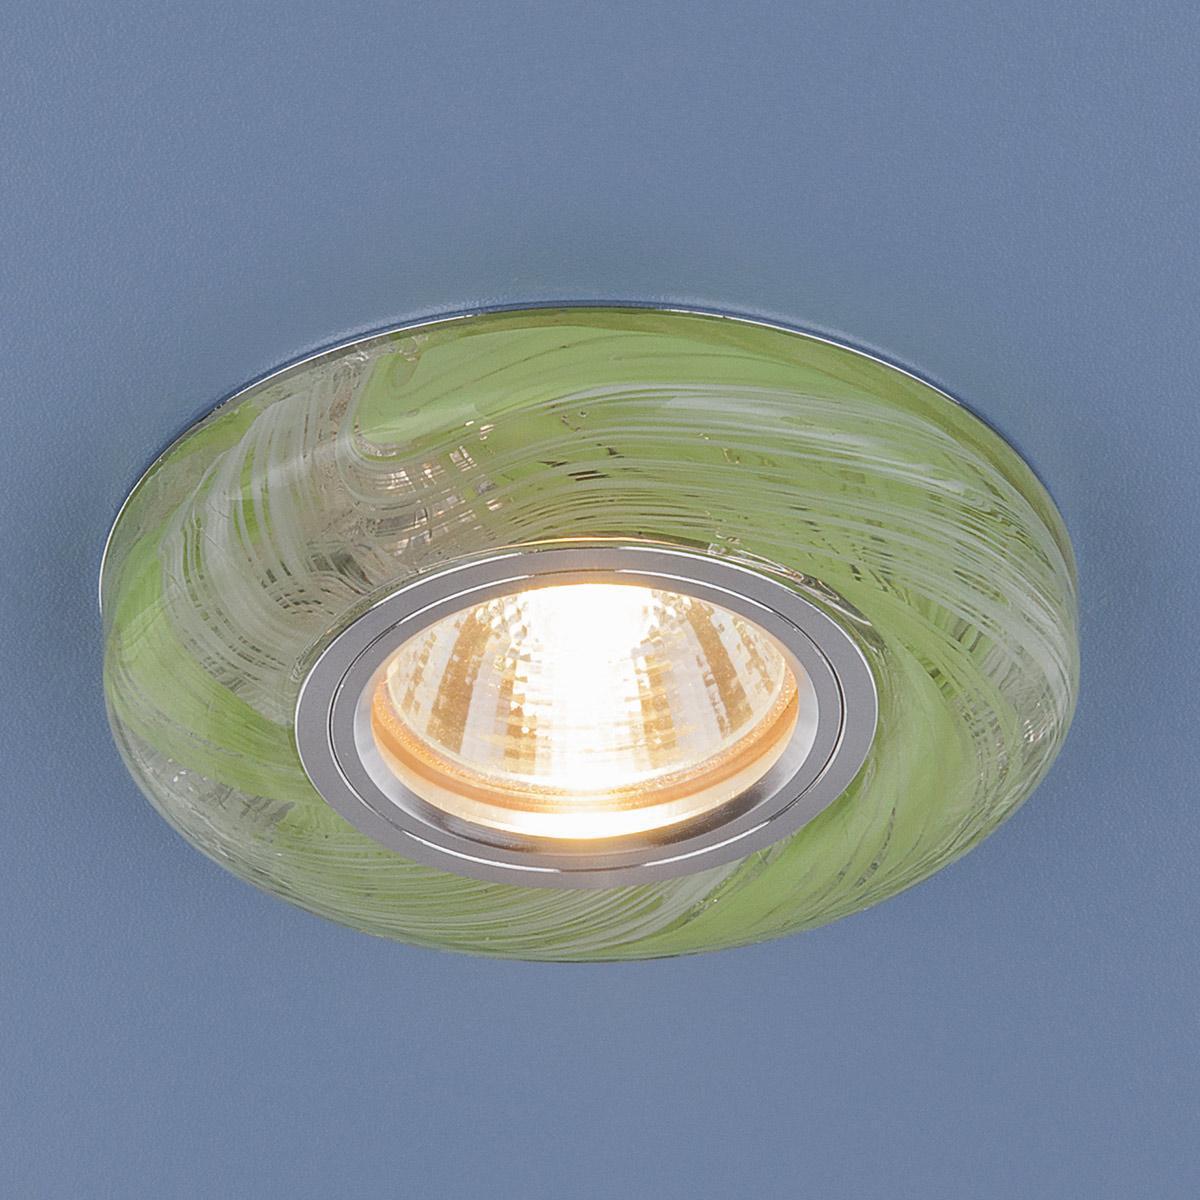 Встраиваемый светильник Elektrostandard 2191 MR16 CL/GR прозрачный/зеленый 4690389096136 встраиваемый светильник 2191 mr16 cl gr прозрачный зеленый elektrostandard 1251036